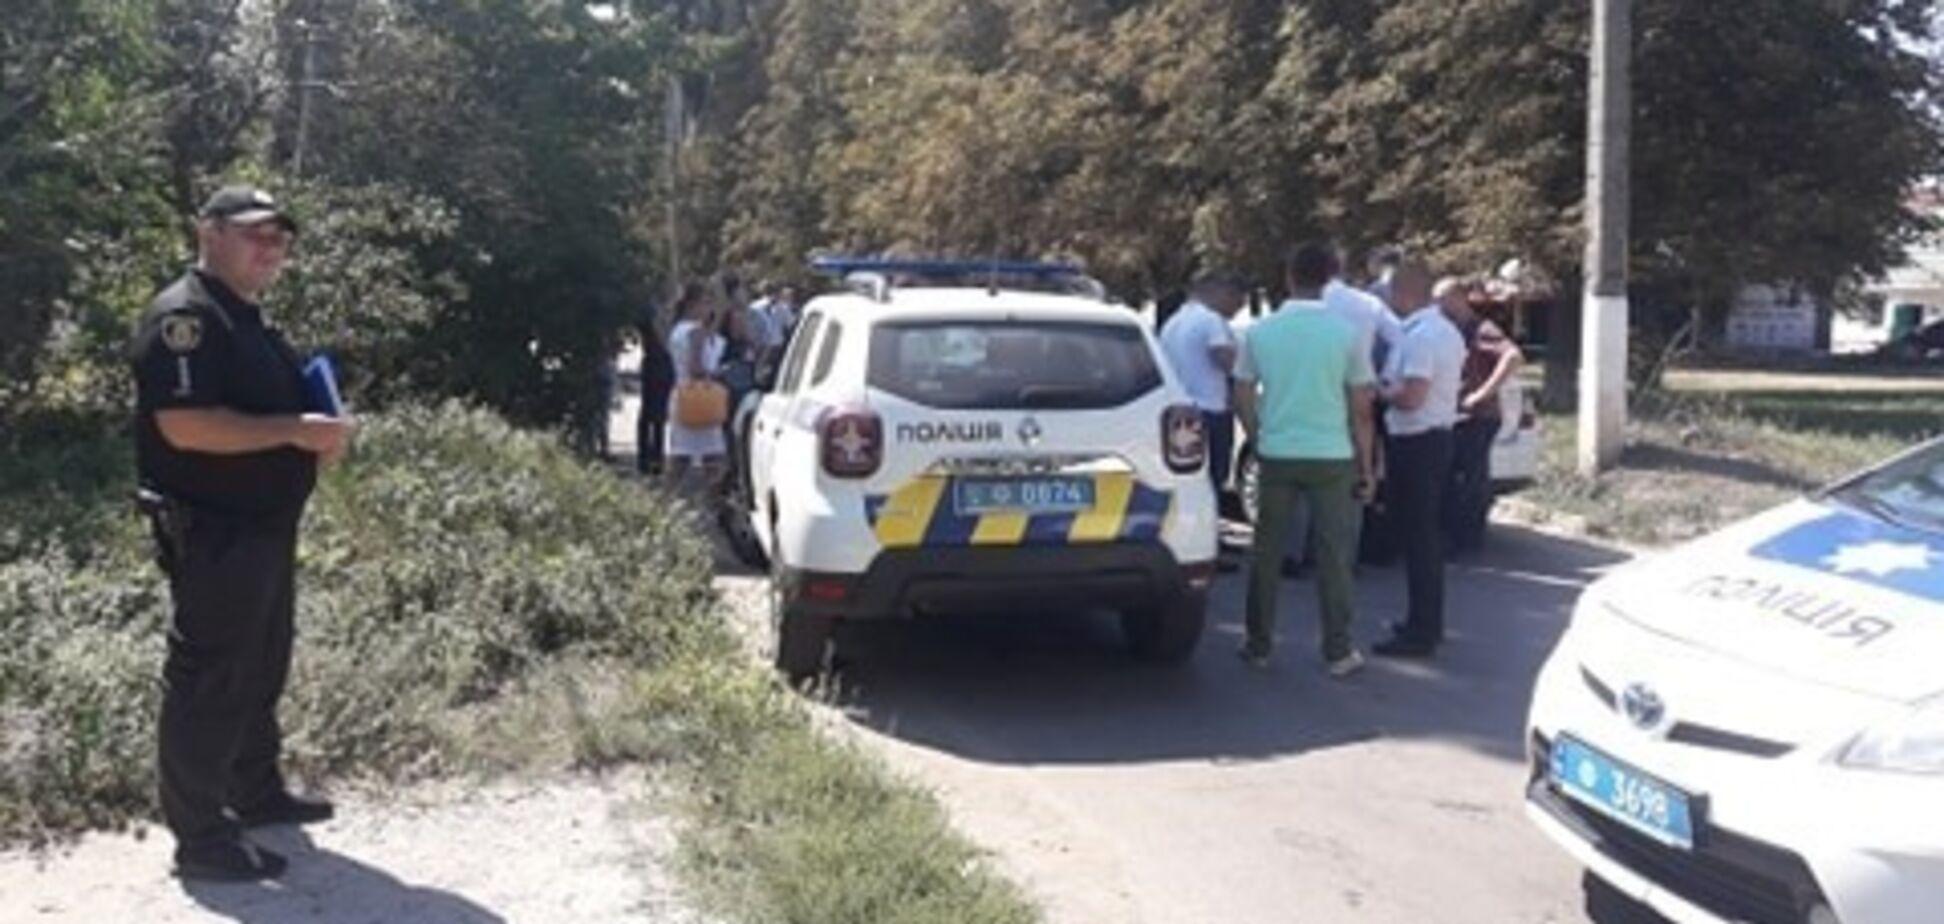 Расстрел адвоката в Кропивницком: появилась противоречивая информация о погибшем